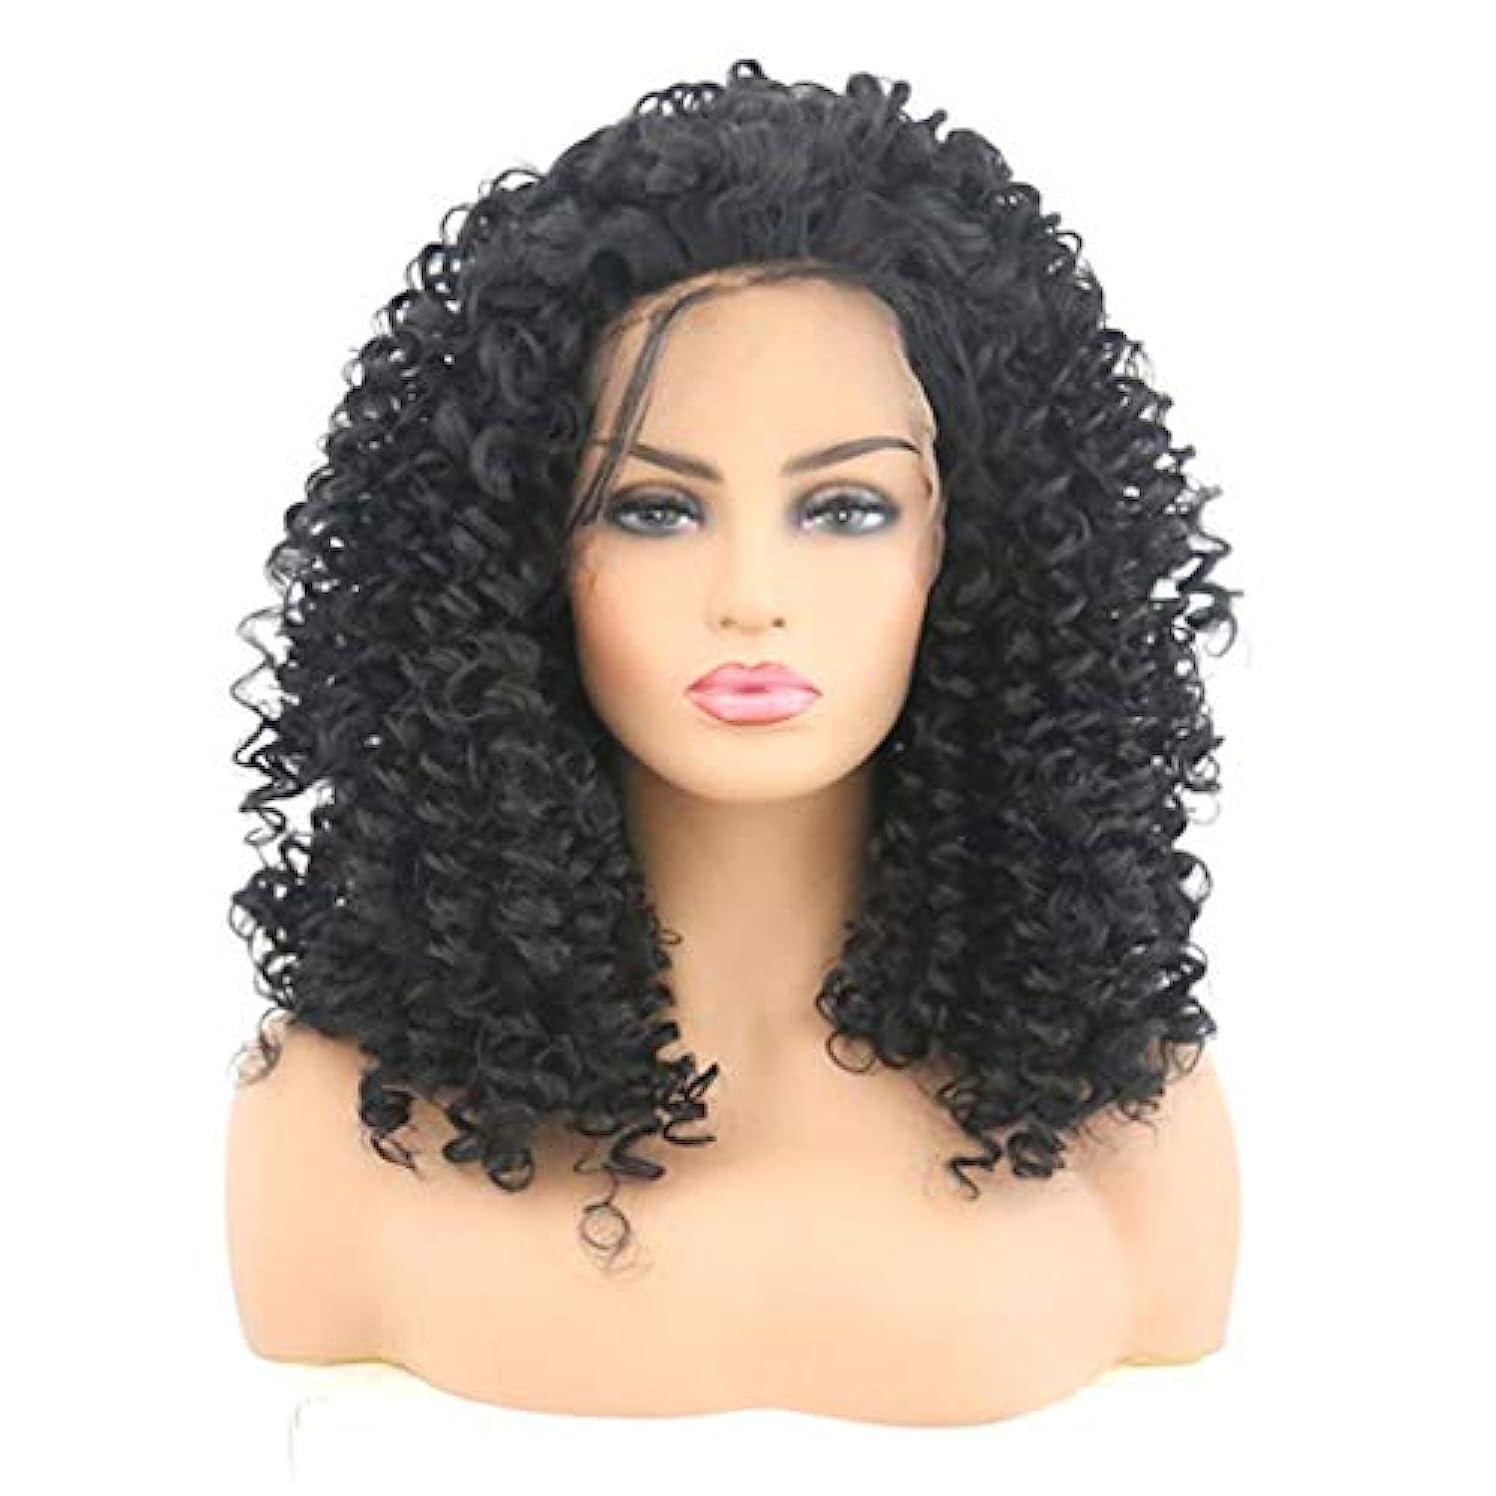 連続的荒野ファイナンスSummerys 女性のためのフロントレース黒かつら小体積波状の短い巻き毛のかつら